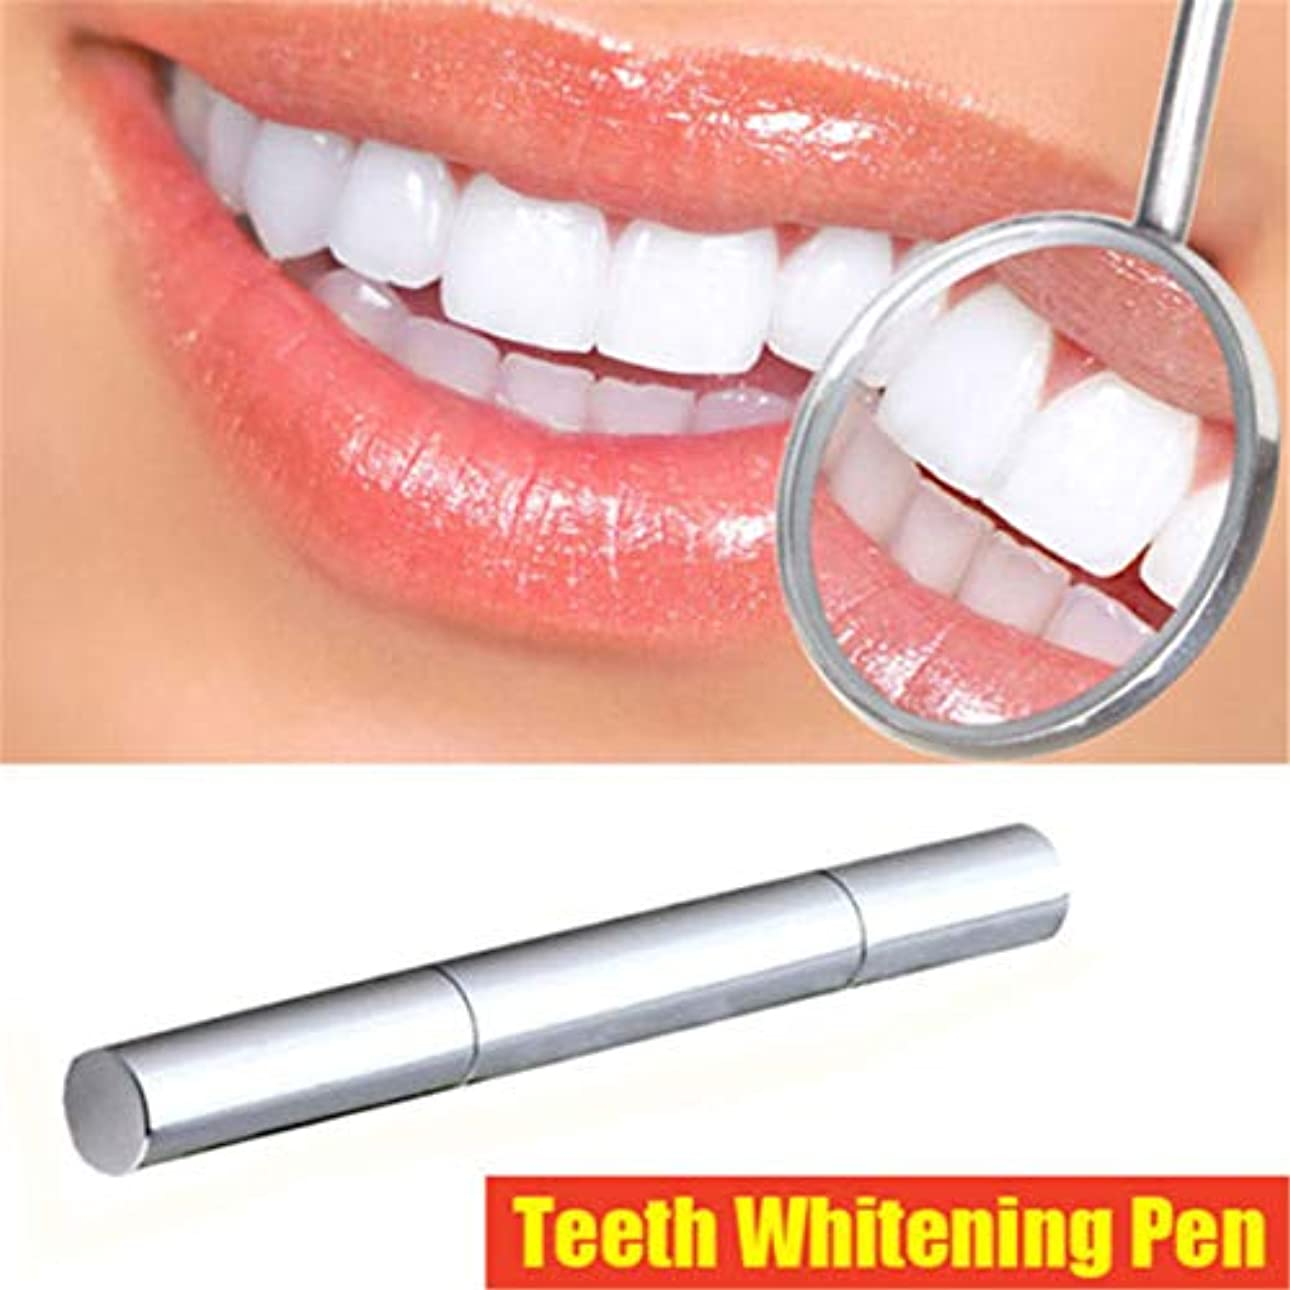 回転する何故なの豊富にホワイトニングペン  美白歯ゲル 歯ジェル 美白ゲル デンタルケア  携帯便利  歯の白い漂白剤 口腔洗浄ツール 口腔衛生 口臭防止